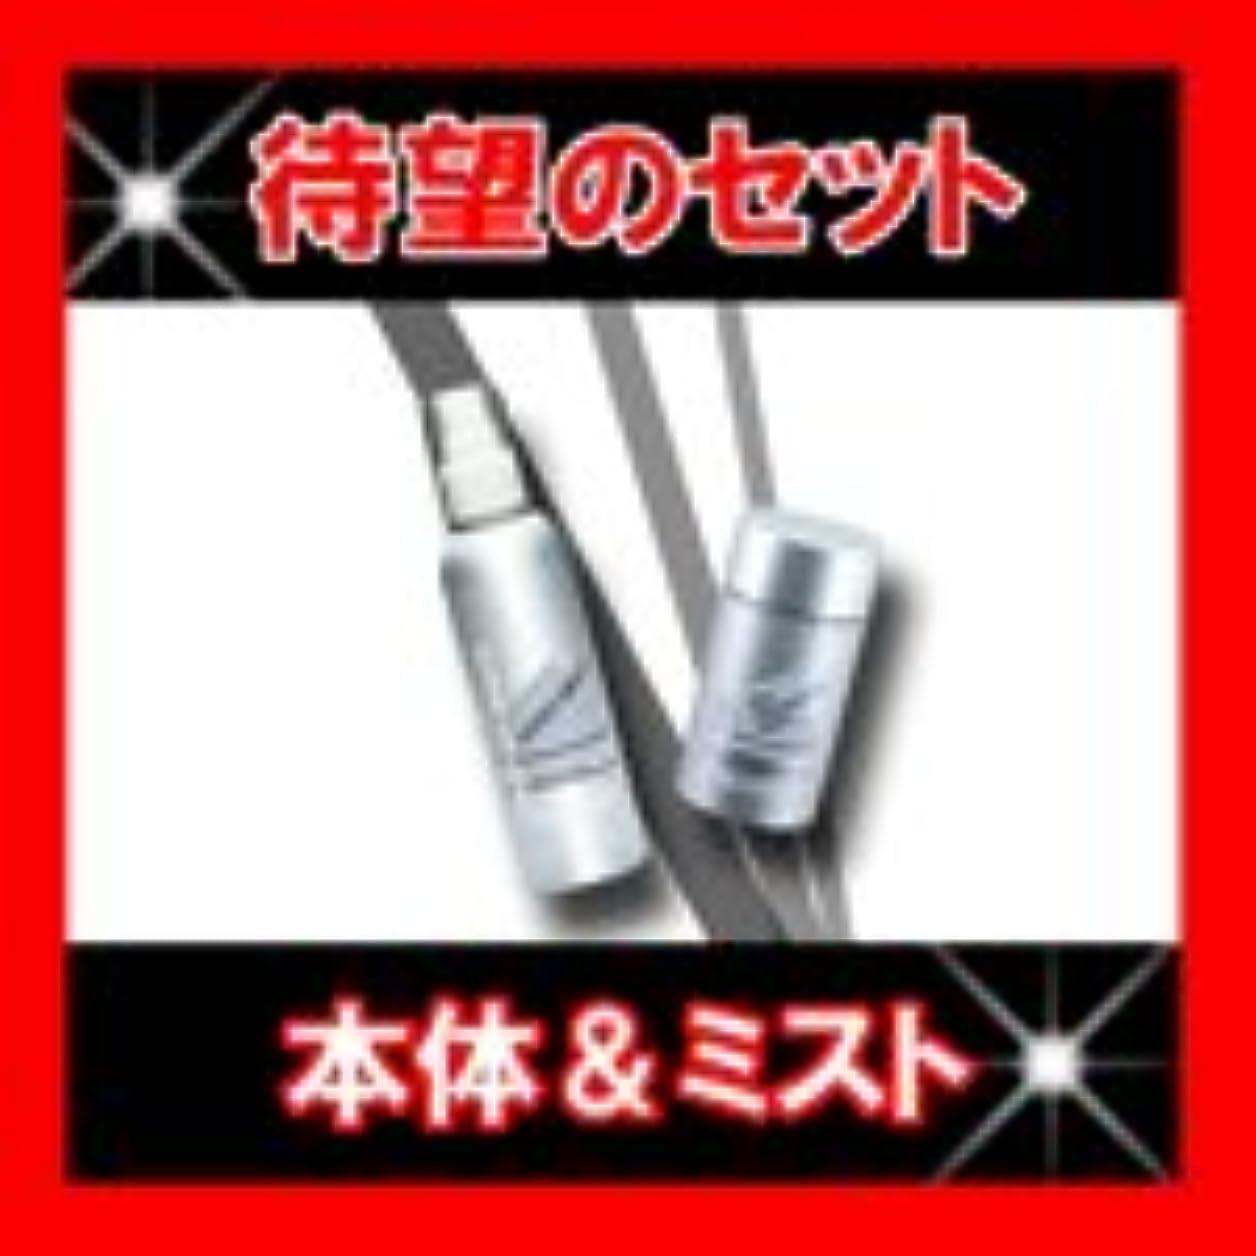 命令的そして学ぶルアン スーパーミリオンヘアー 30g No.1 【ブラック】+スーパーミリオン ミスト 165mlセット